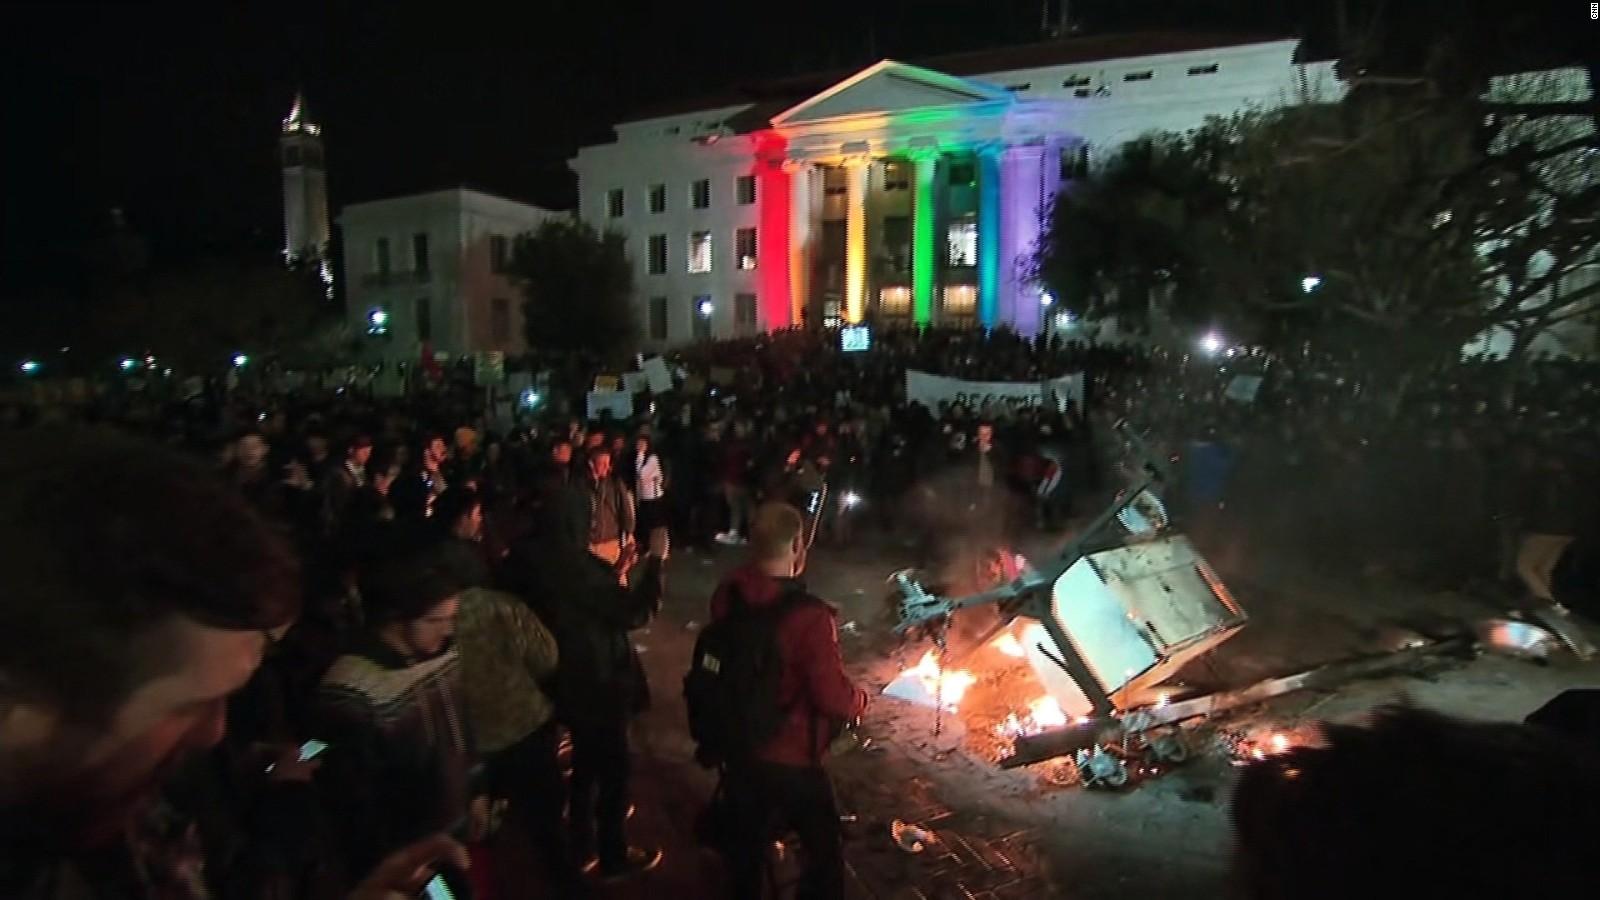 2017 Berkeley protests